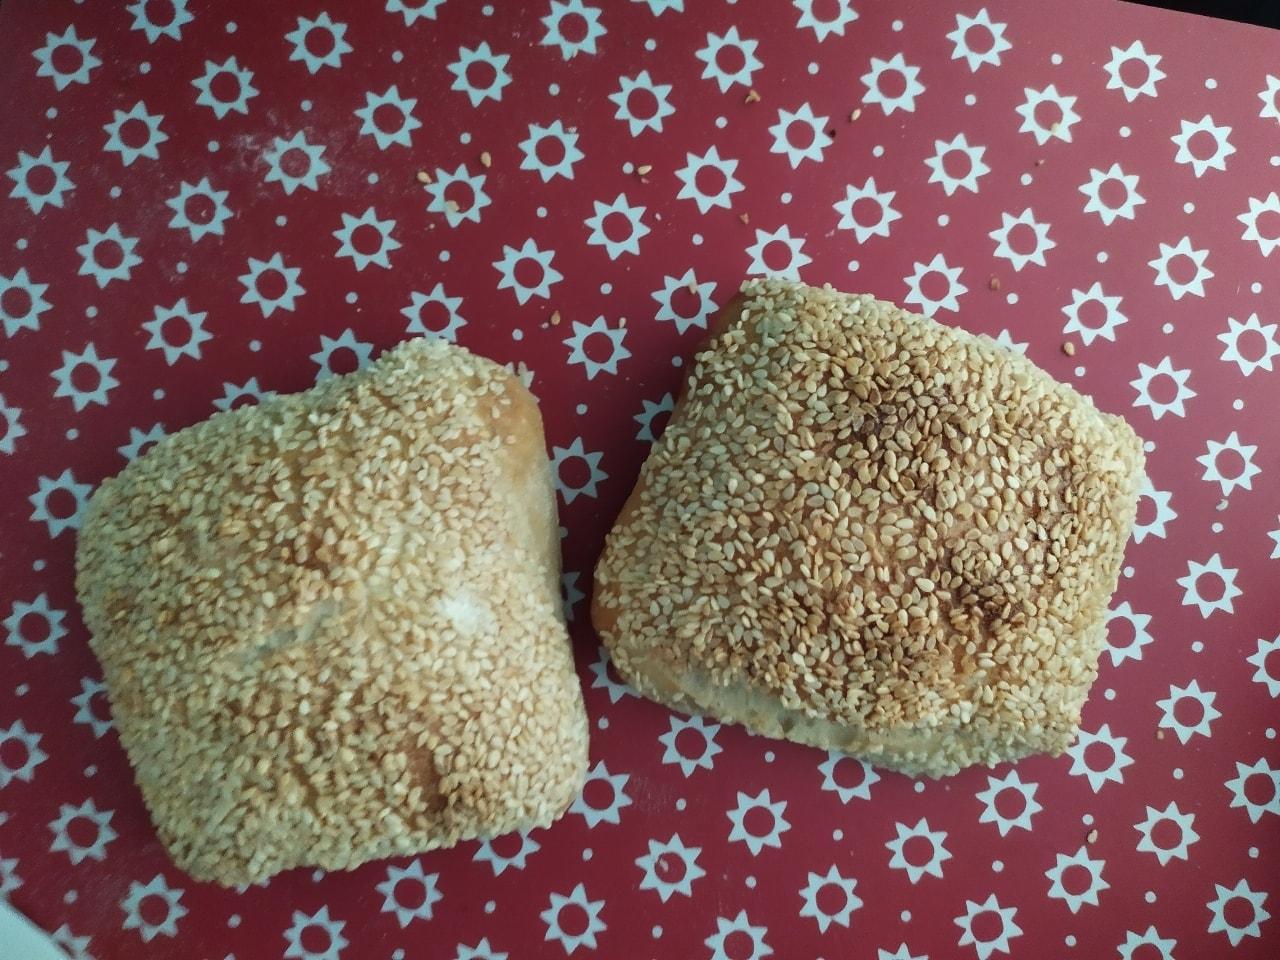 3 x fresh sesame bread rolls from Pesso Fridhemsplan